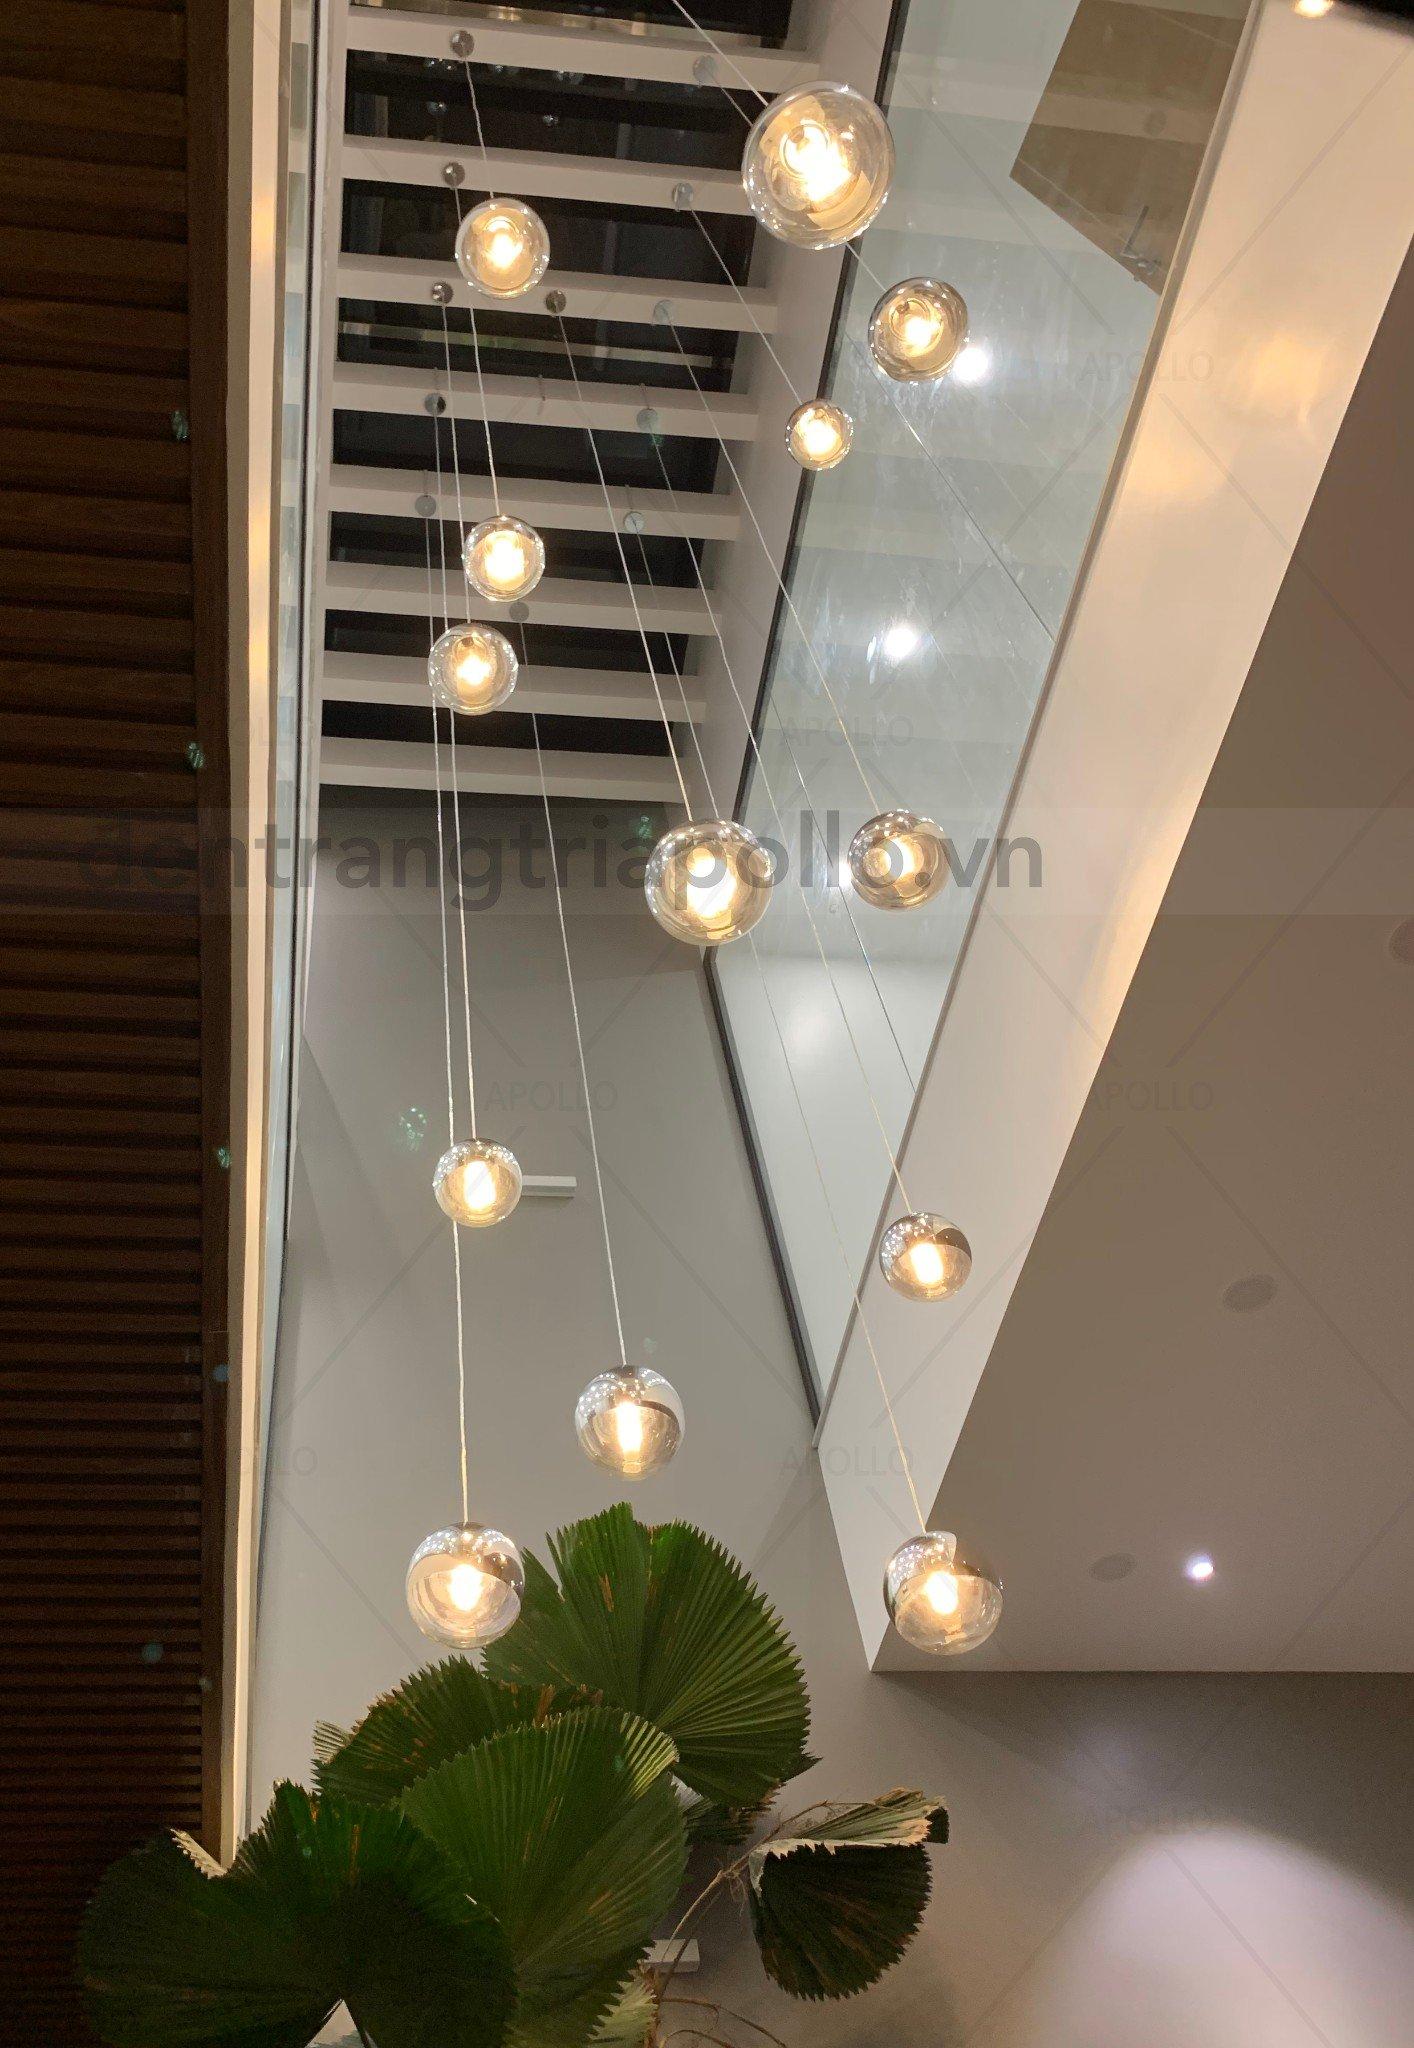 đèn thông tầng hiện đại sang trọng